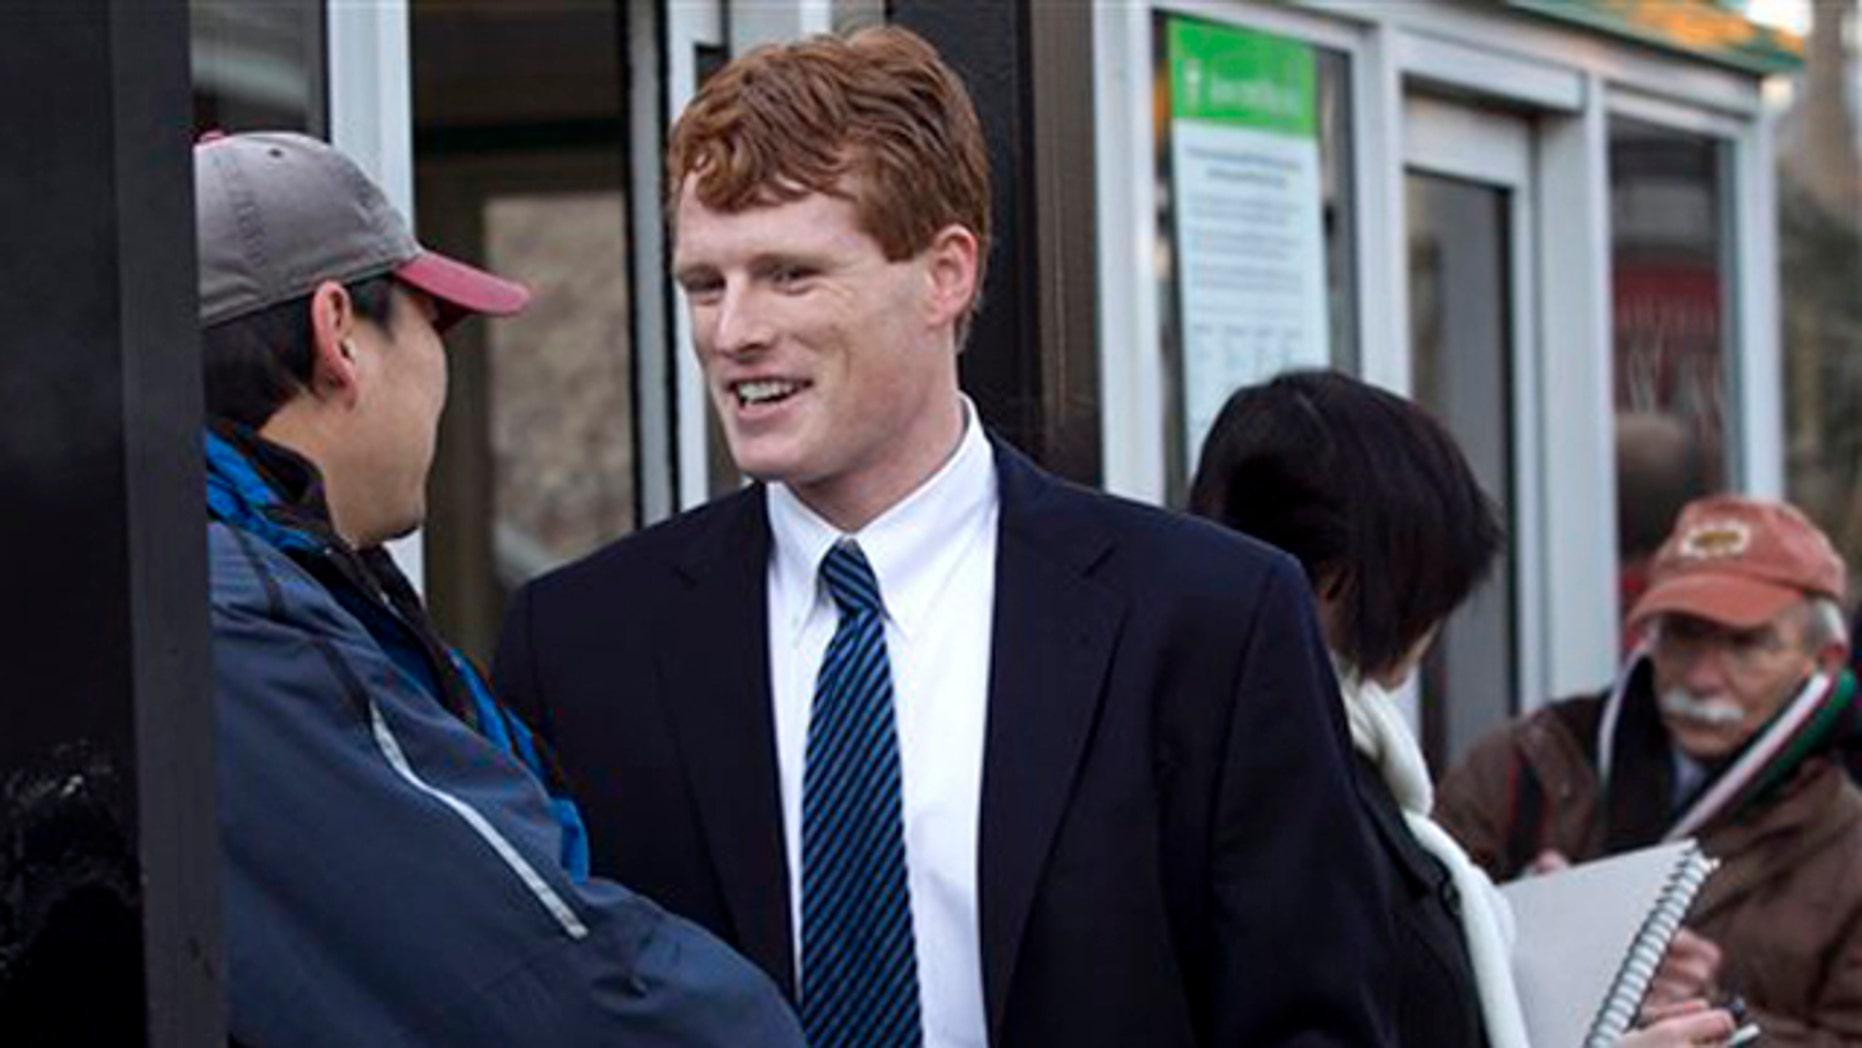 Feb. 16, 2012: Joseph Kennedy III greets commuters in Newton, Mass.